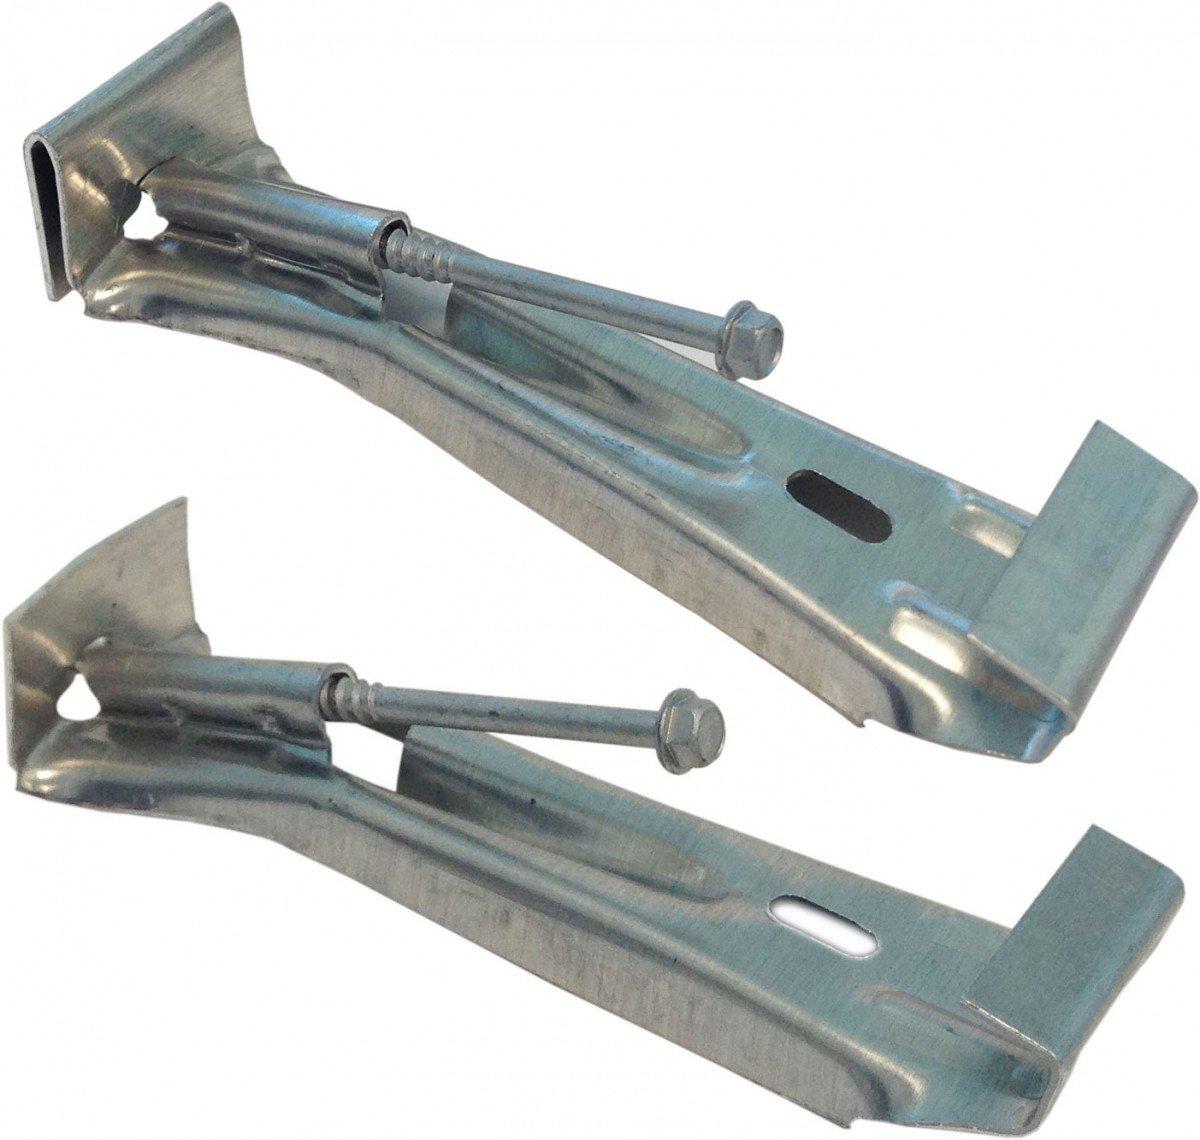 Quick Screw 5'' 100 Pack Premium Hidden Rain Gutter Bracket Hook Hangers with screw clip style